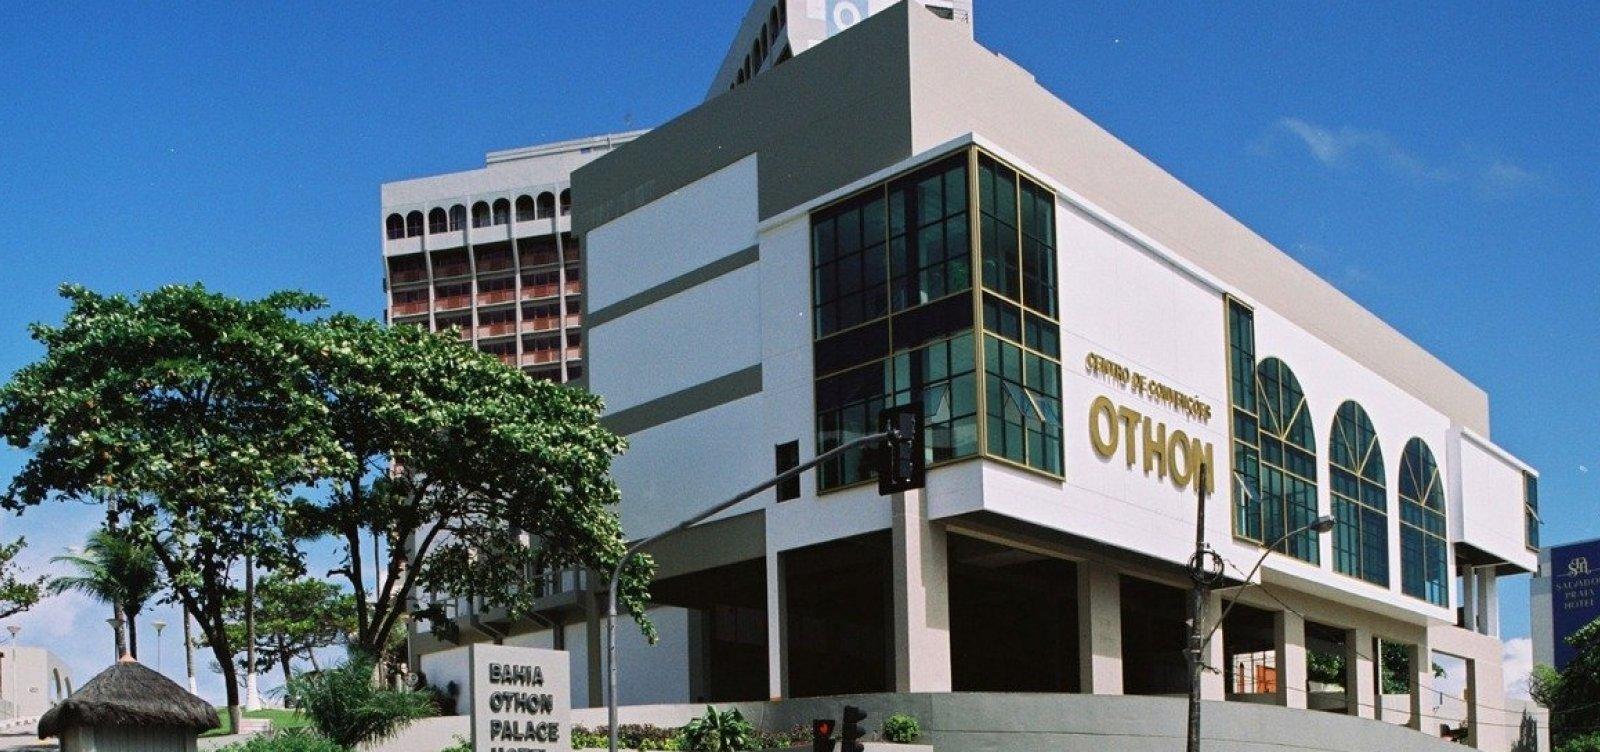 Othon anuncia oficialmente fechamento na Bahia e mudanças em corpo diretor